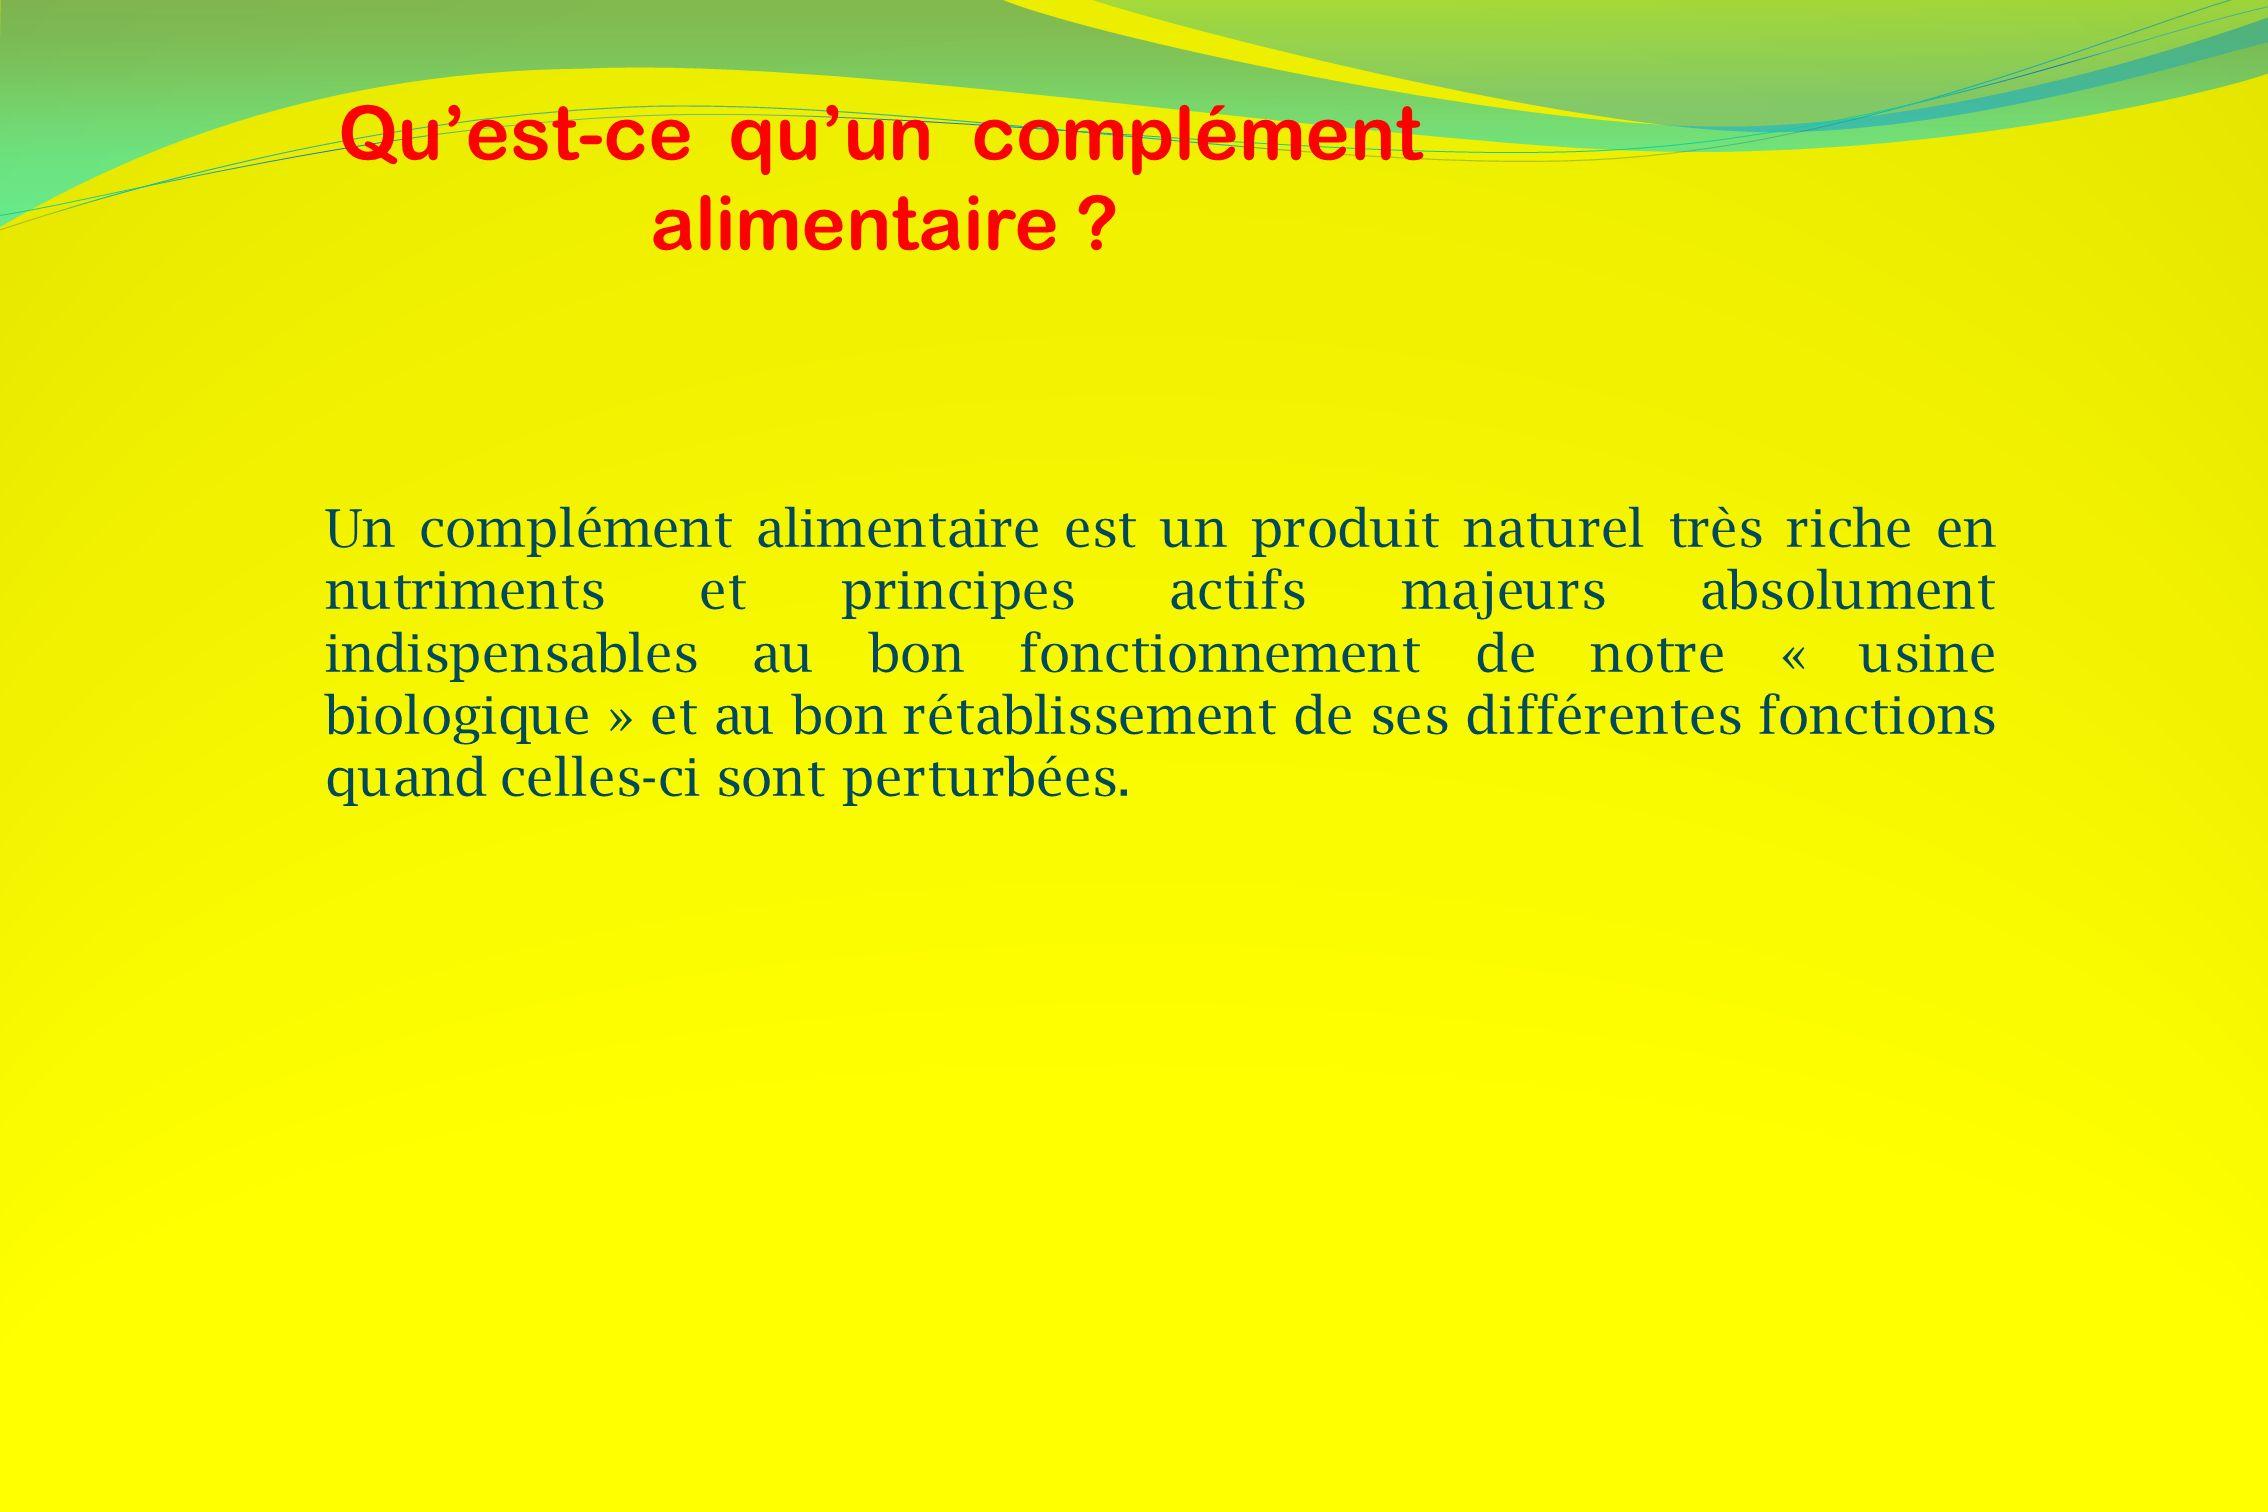 Quest-ce quun complément alimentaire ? Un complément alimentaire est un produit naturel très riche en nutriments et principes actifs majeurs absolumen